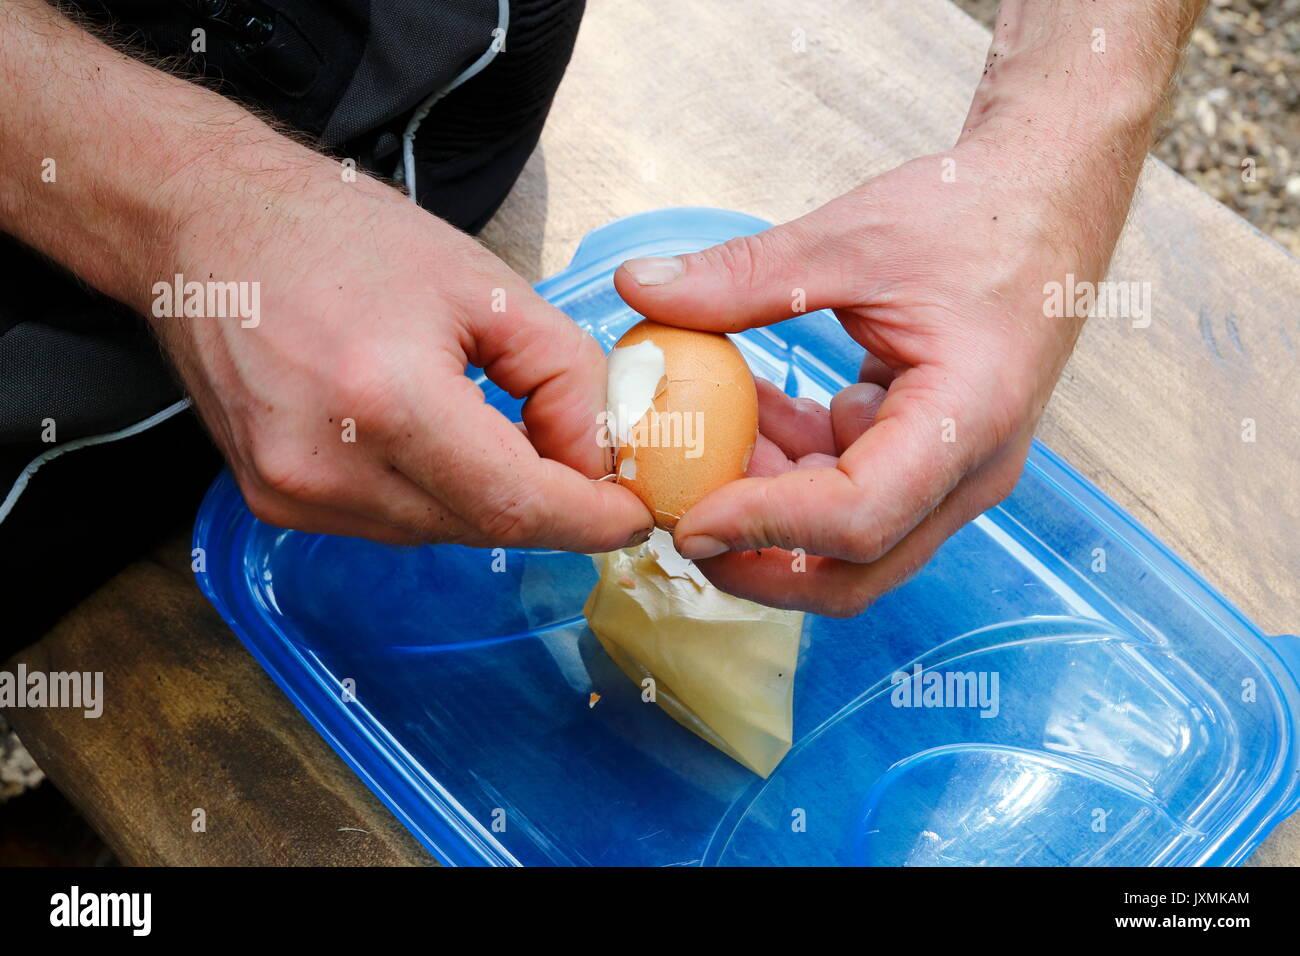 Hart gekochtes Ei wird geschält Stock Photo